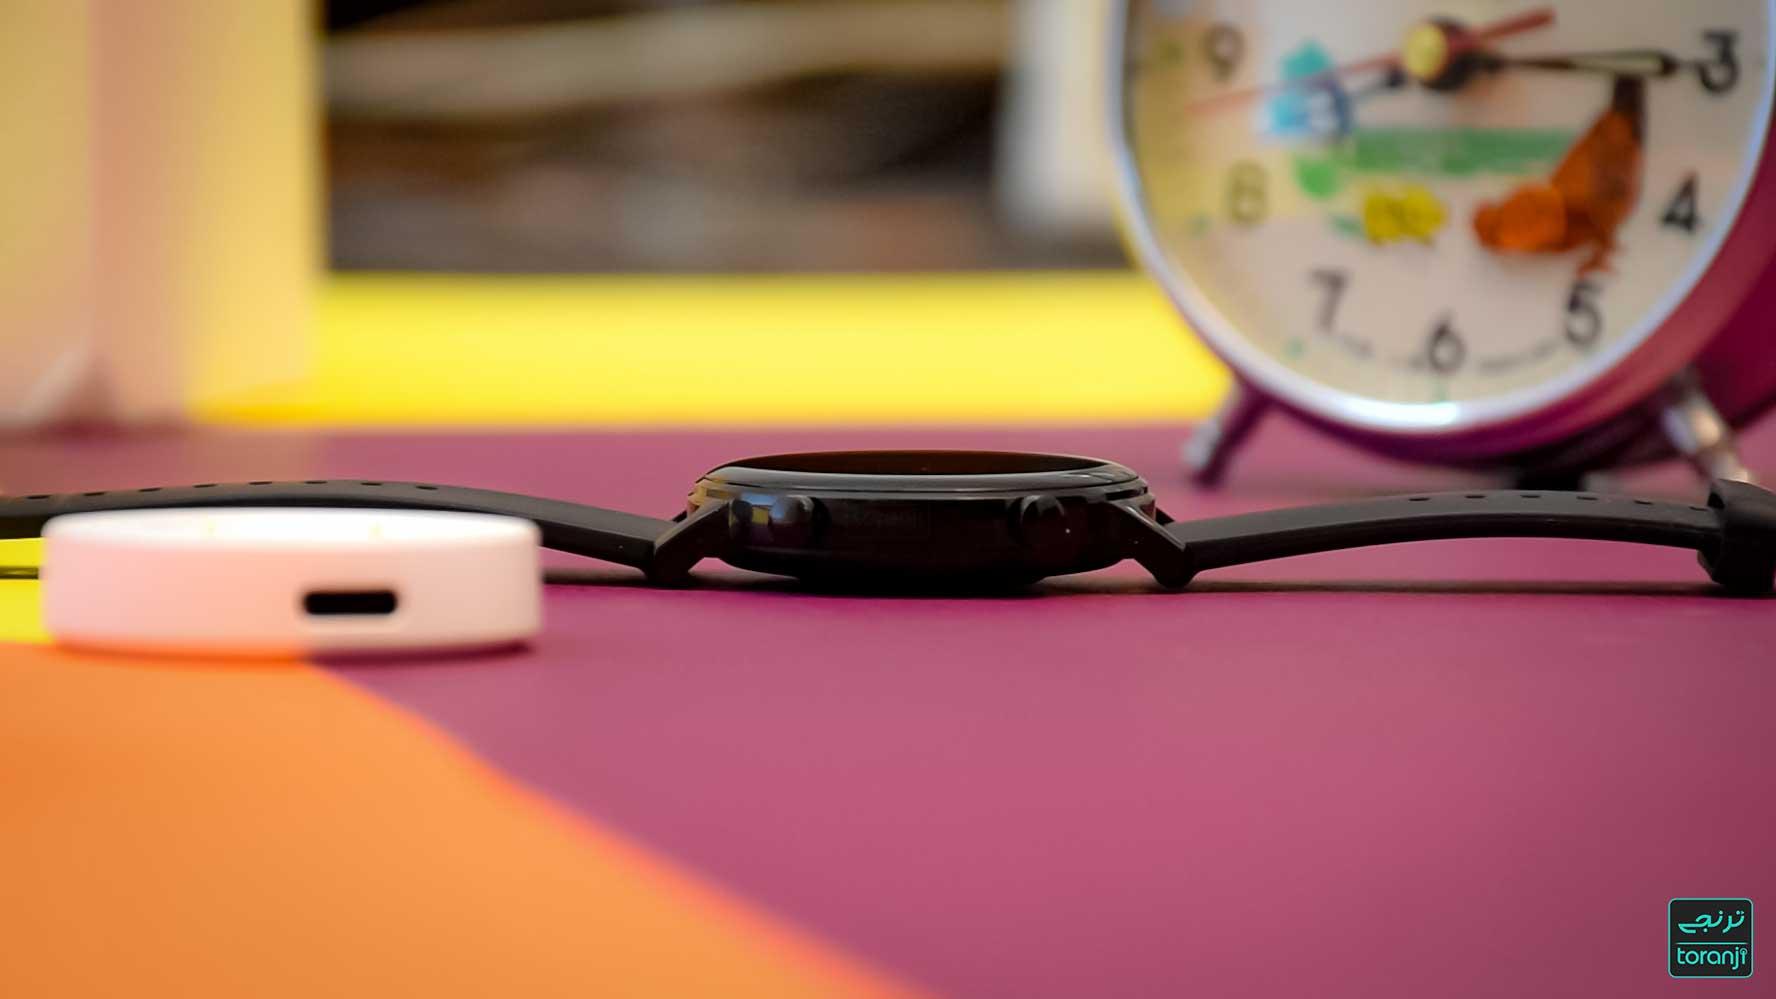 ساعت هوشمند هواوی Mate Watch در راه است